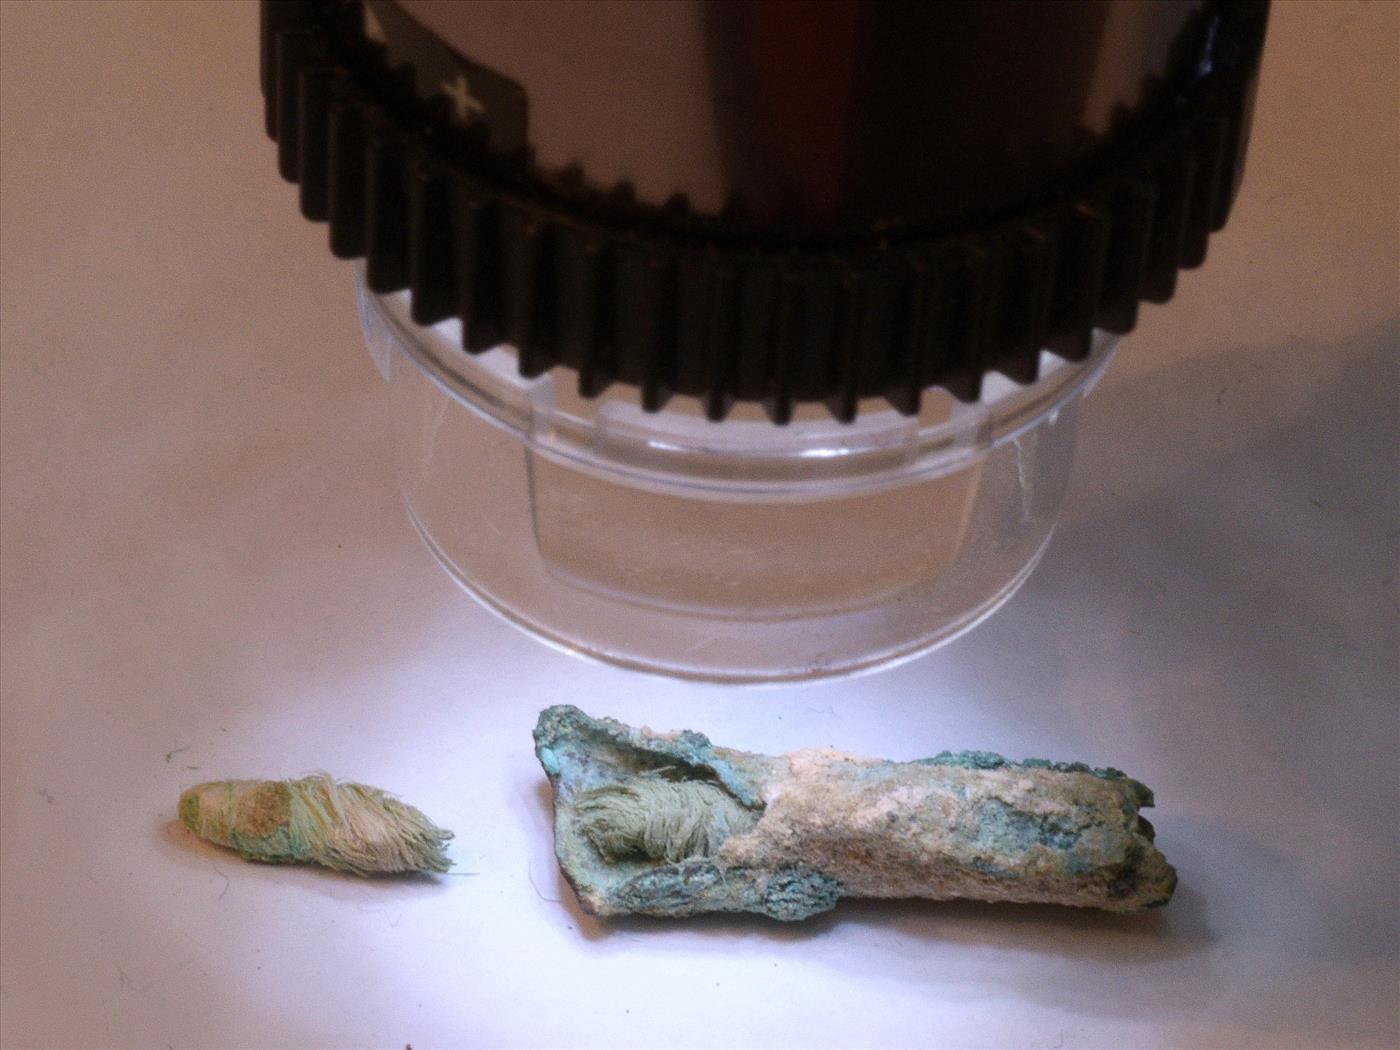 הפתילה העתיקה (צילום: קלרה עמית, רשות העתיקות)